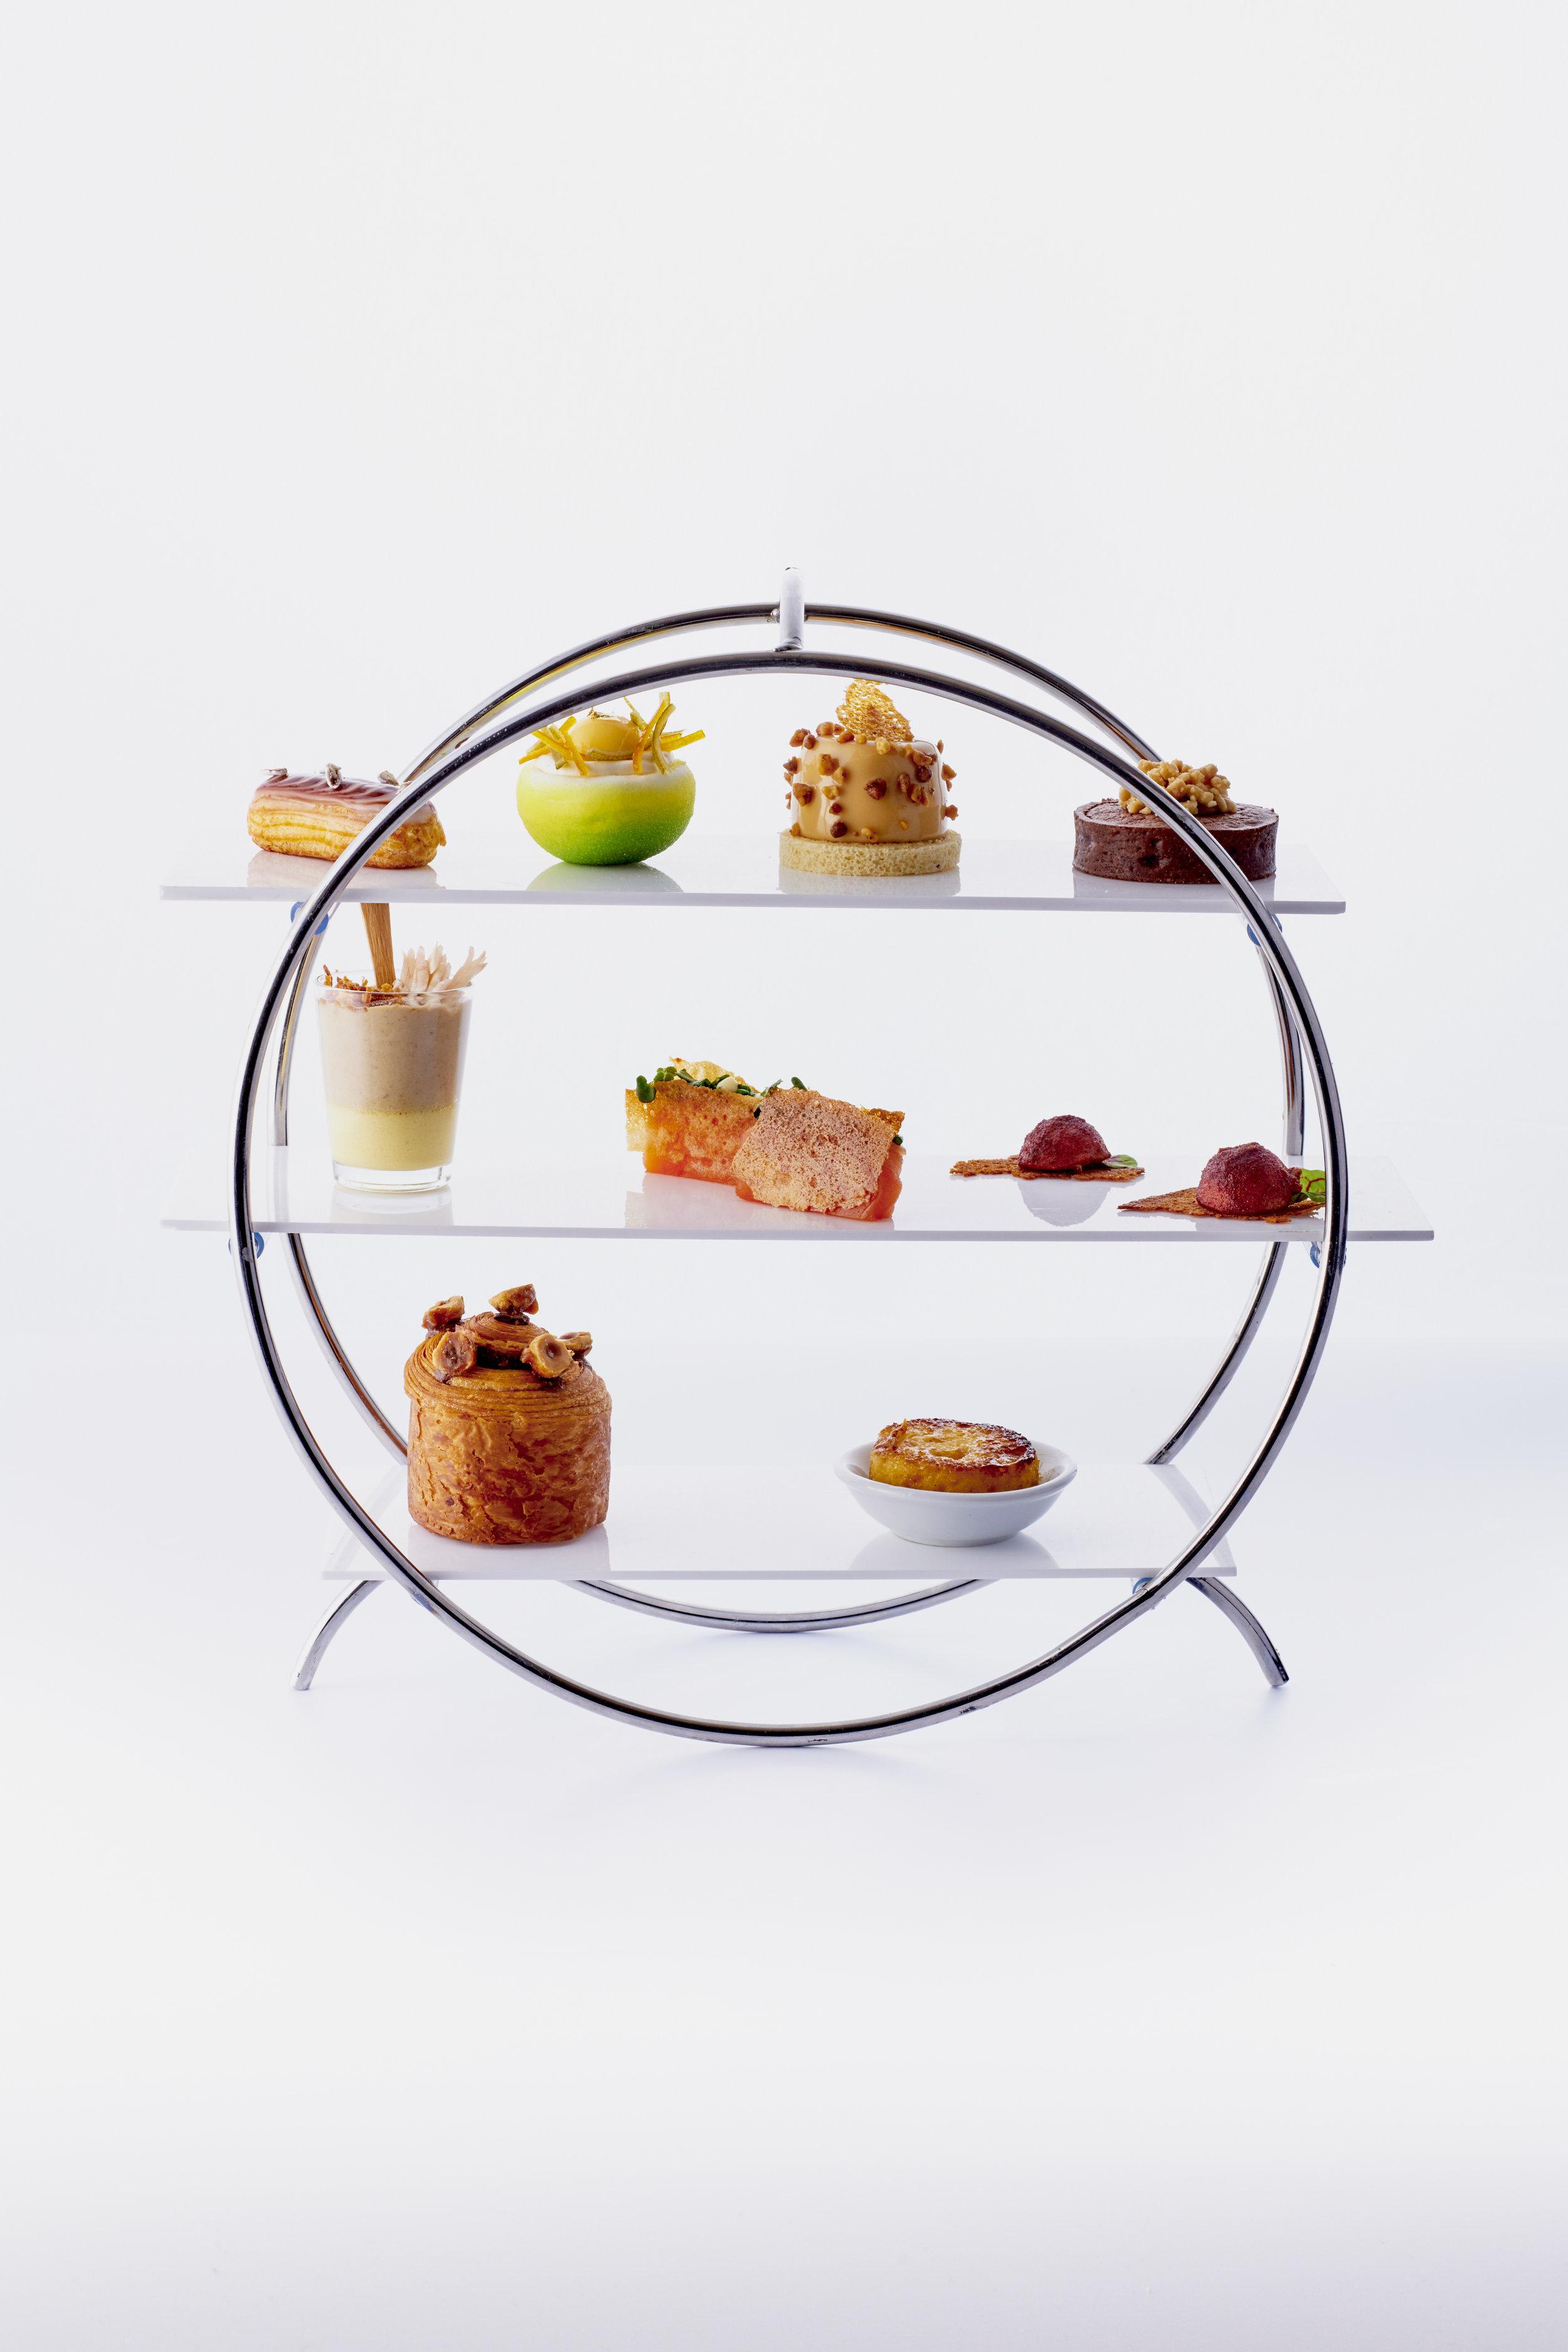 Winter Teatime by Jimmy Mornet - 5* Hotel Park Hyatt Paris-Vendôme